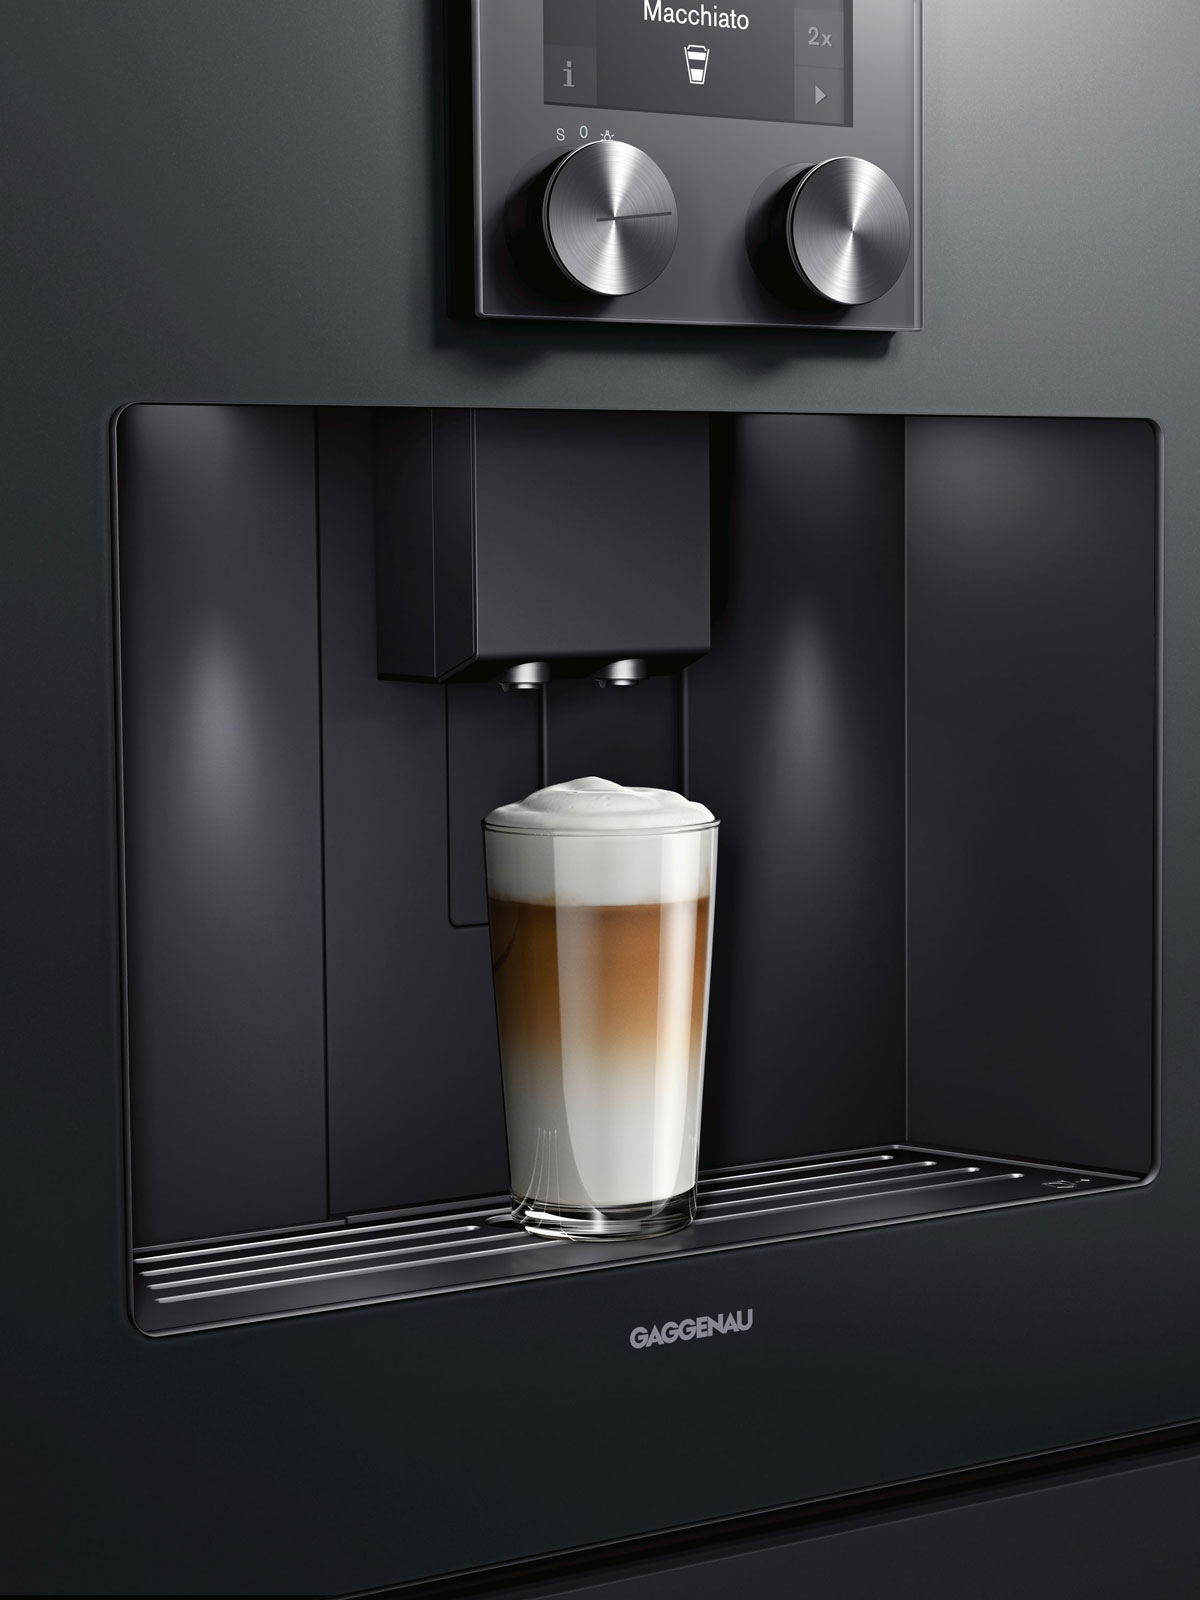 Einbau-Kaffeevollautomat aus der Serie 200